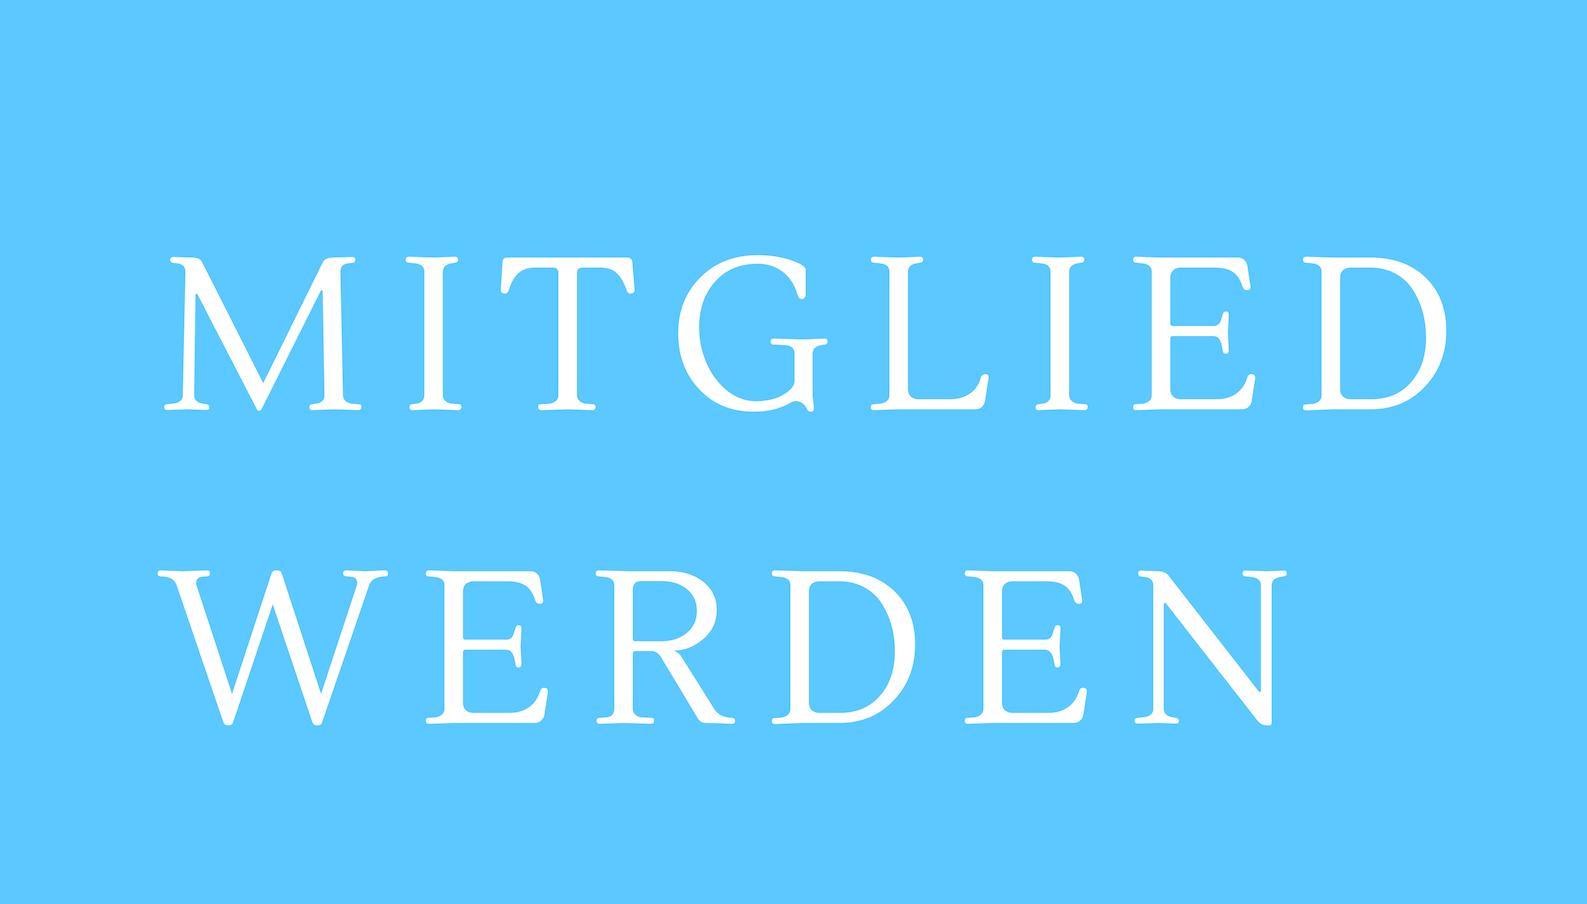 MITGLIED WERDEN